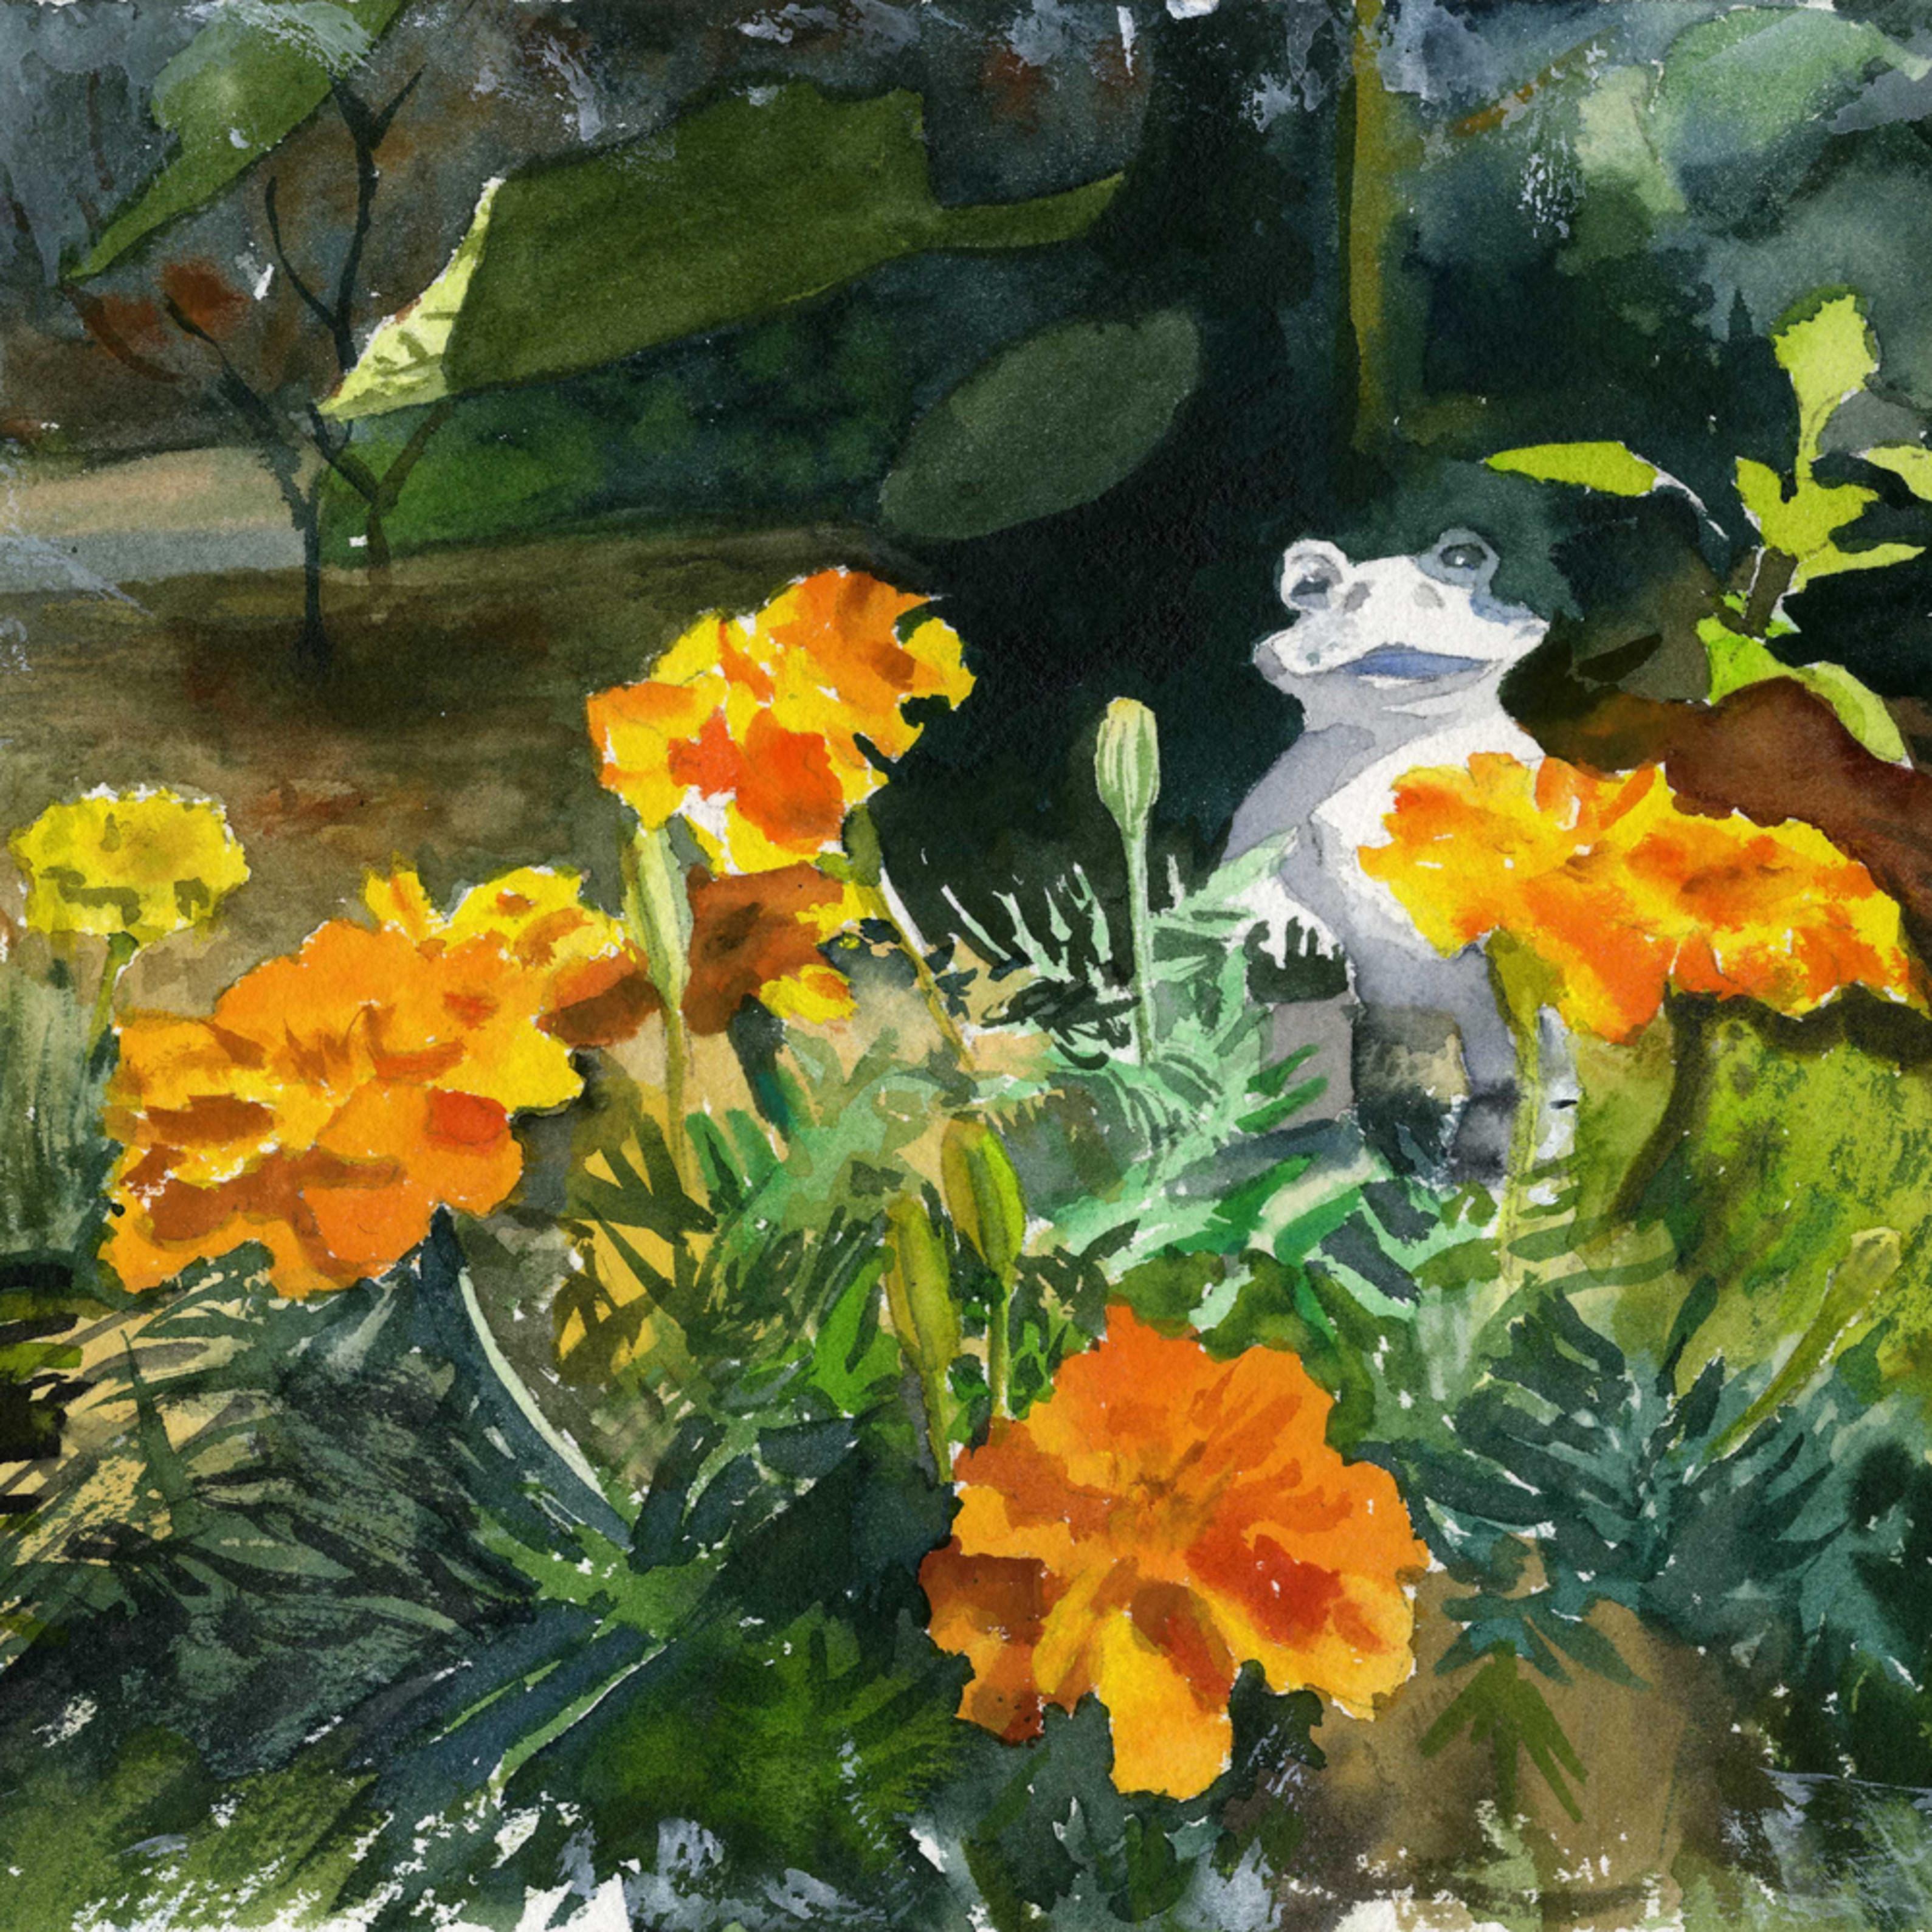 Marigold garden asf mdwl7i